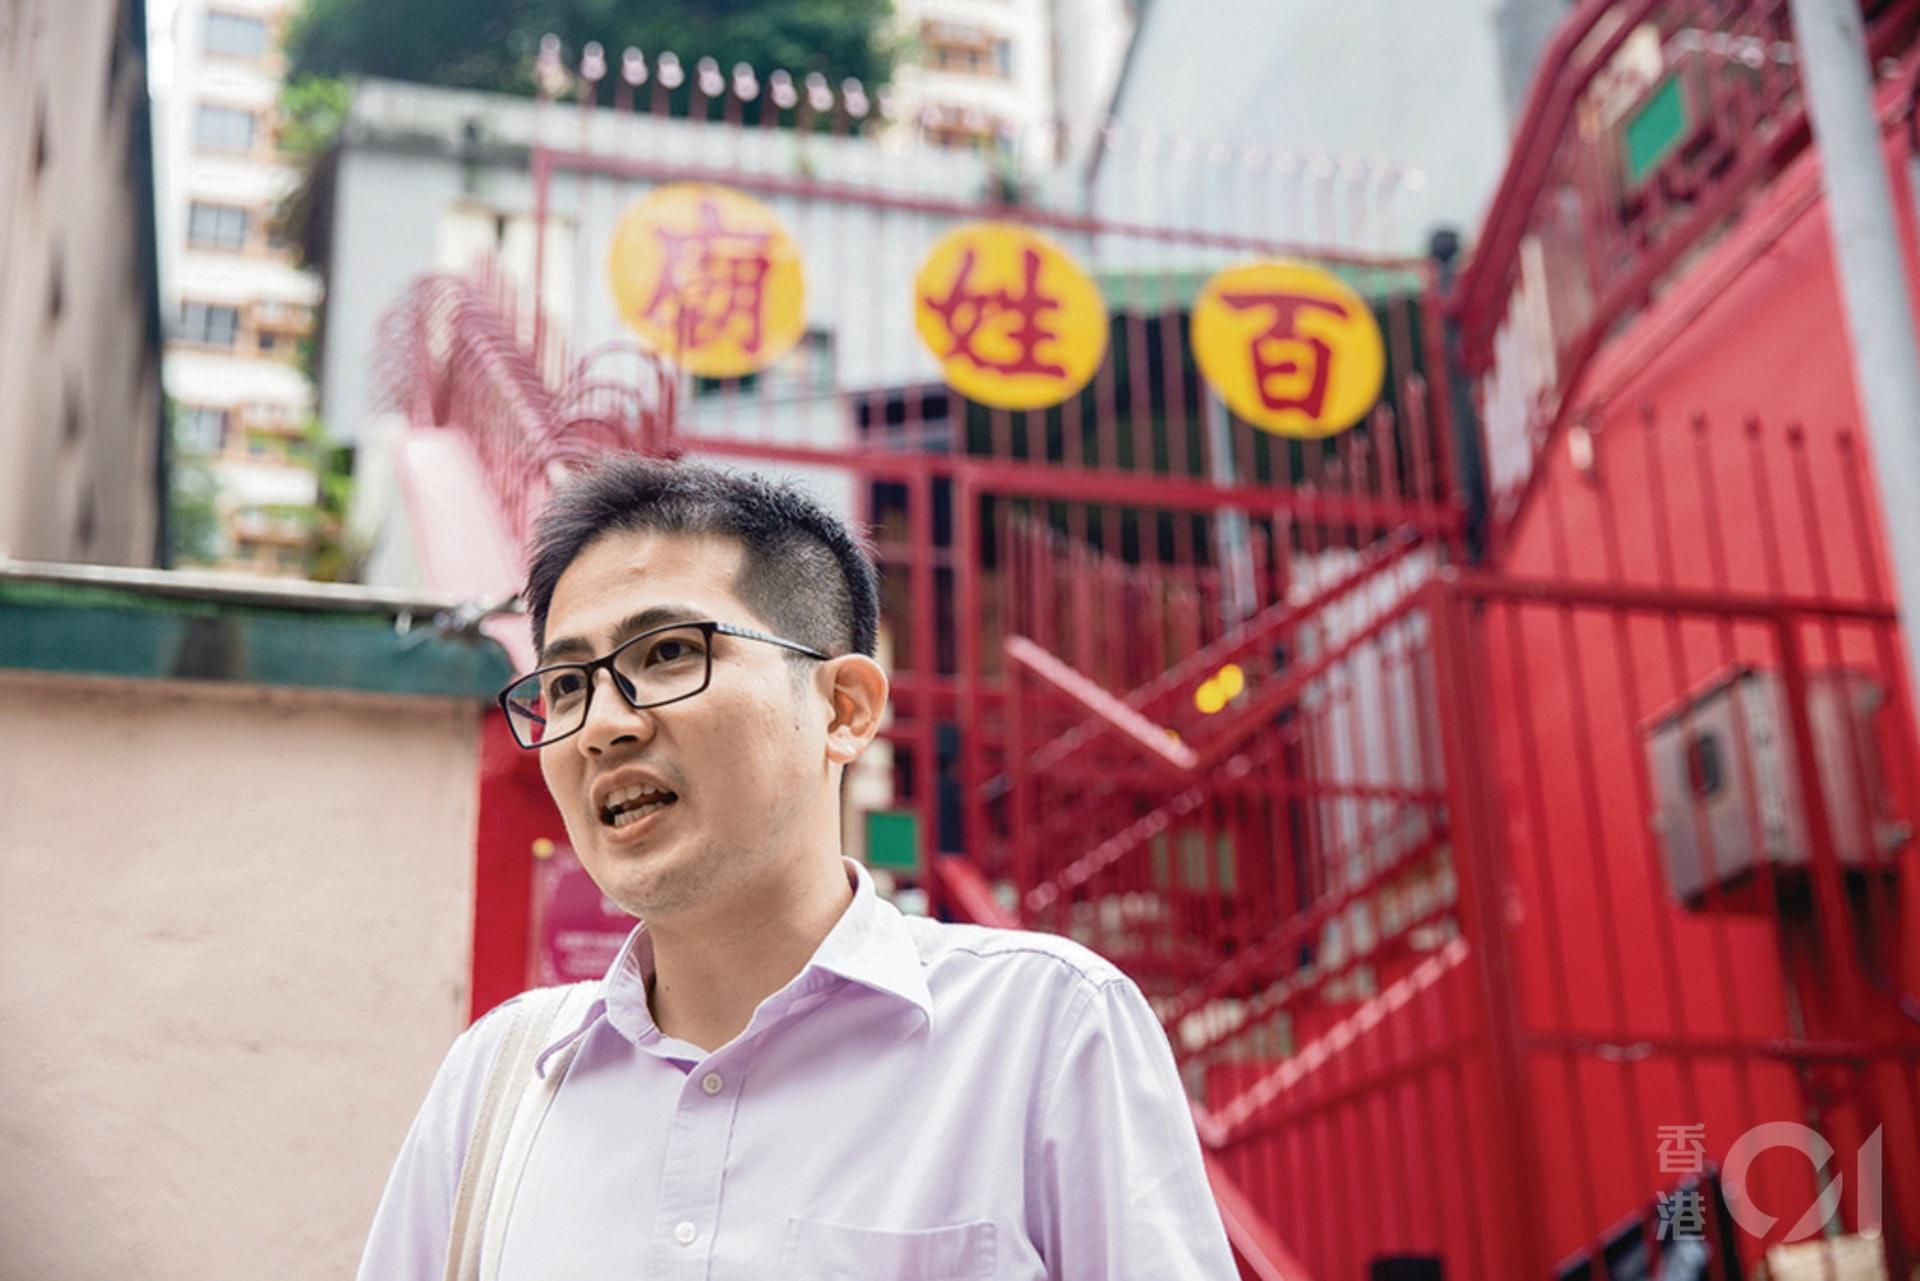 陳智遠曾撰文批評,若旅遊業並非透過獨有文化、歷史、社區作號召,城市的旅遊業注定要沒落。(資料圖片/鄧倩螢攝)